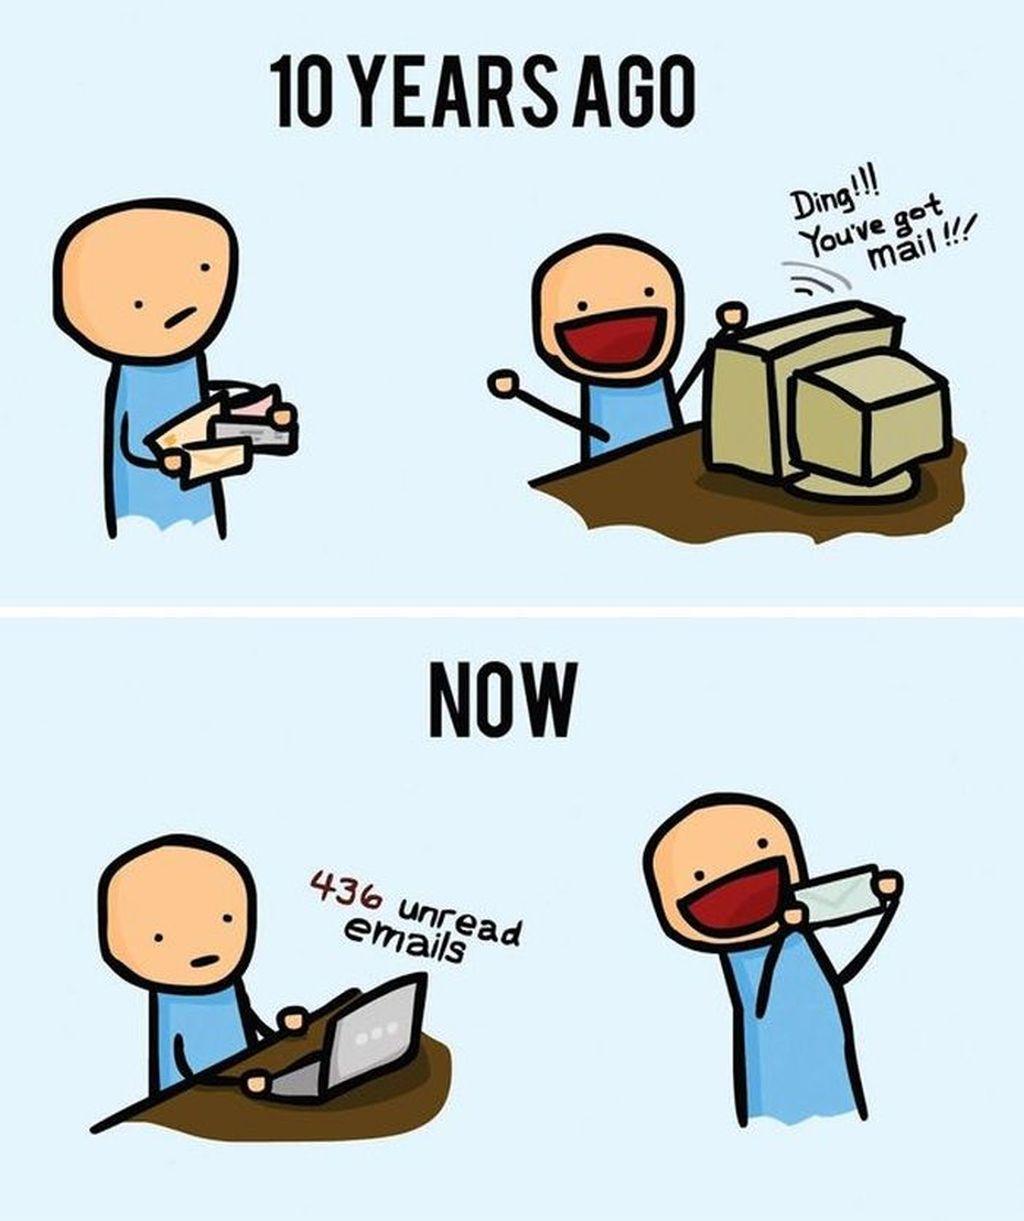 Kebalikan ekspresi dulu dan sekarang ketika mendapatkan sebuah email dan kiriman surat. (Foto: justsomethingcreative)